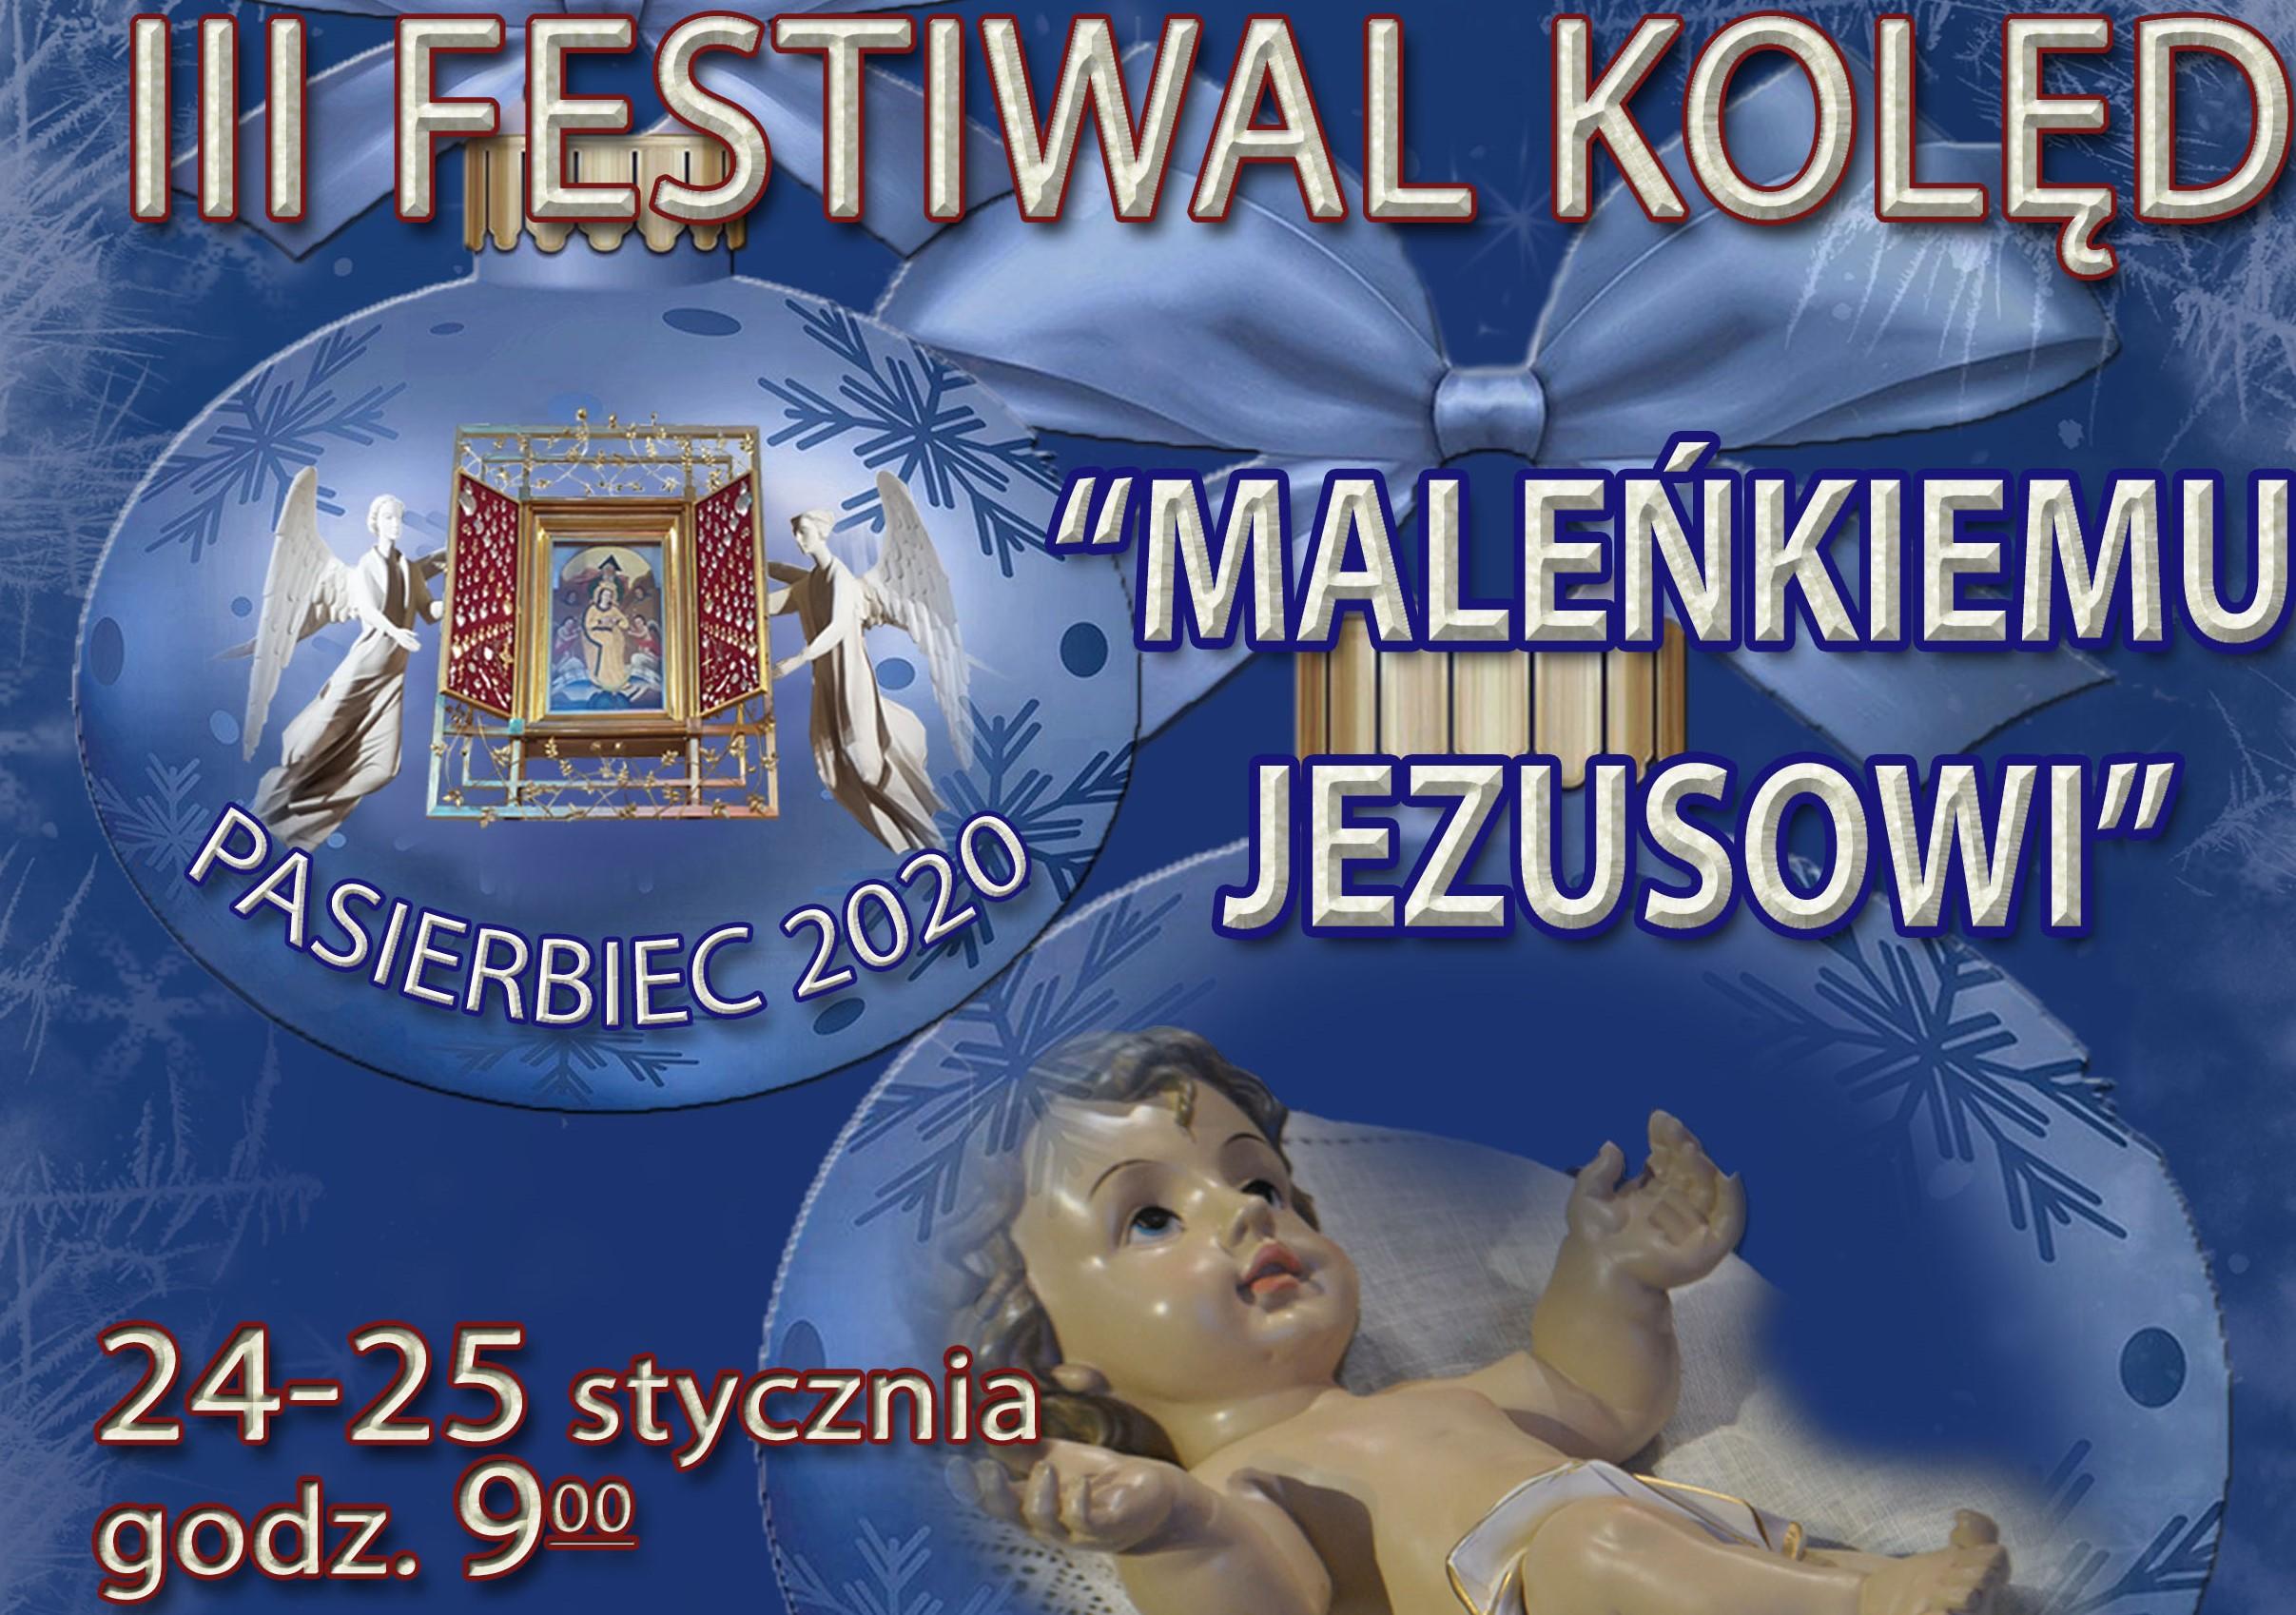 """III Festiwal Kolęd """"Maleńkiemu Jezusowi"""" na Pasierbcu 24-25 stycznia- plakat informacyjny"""